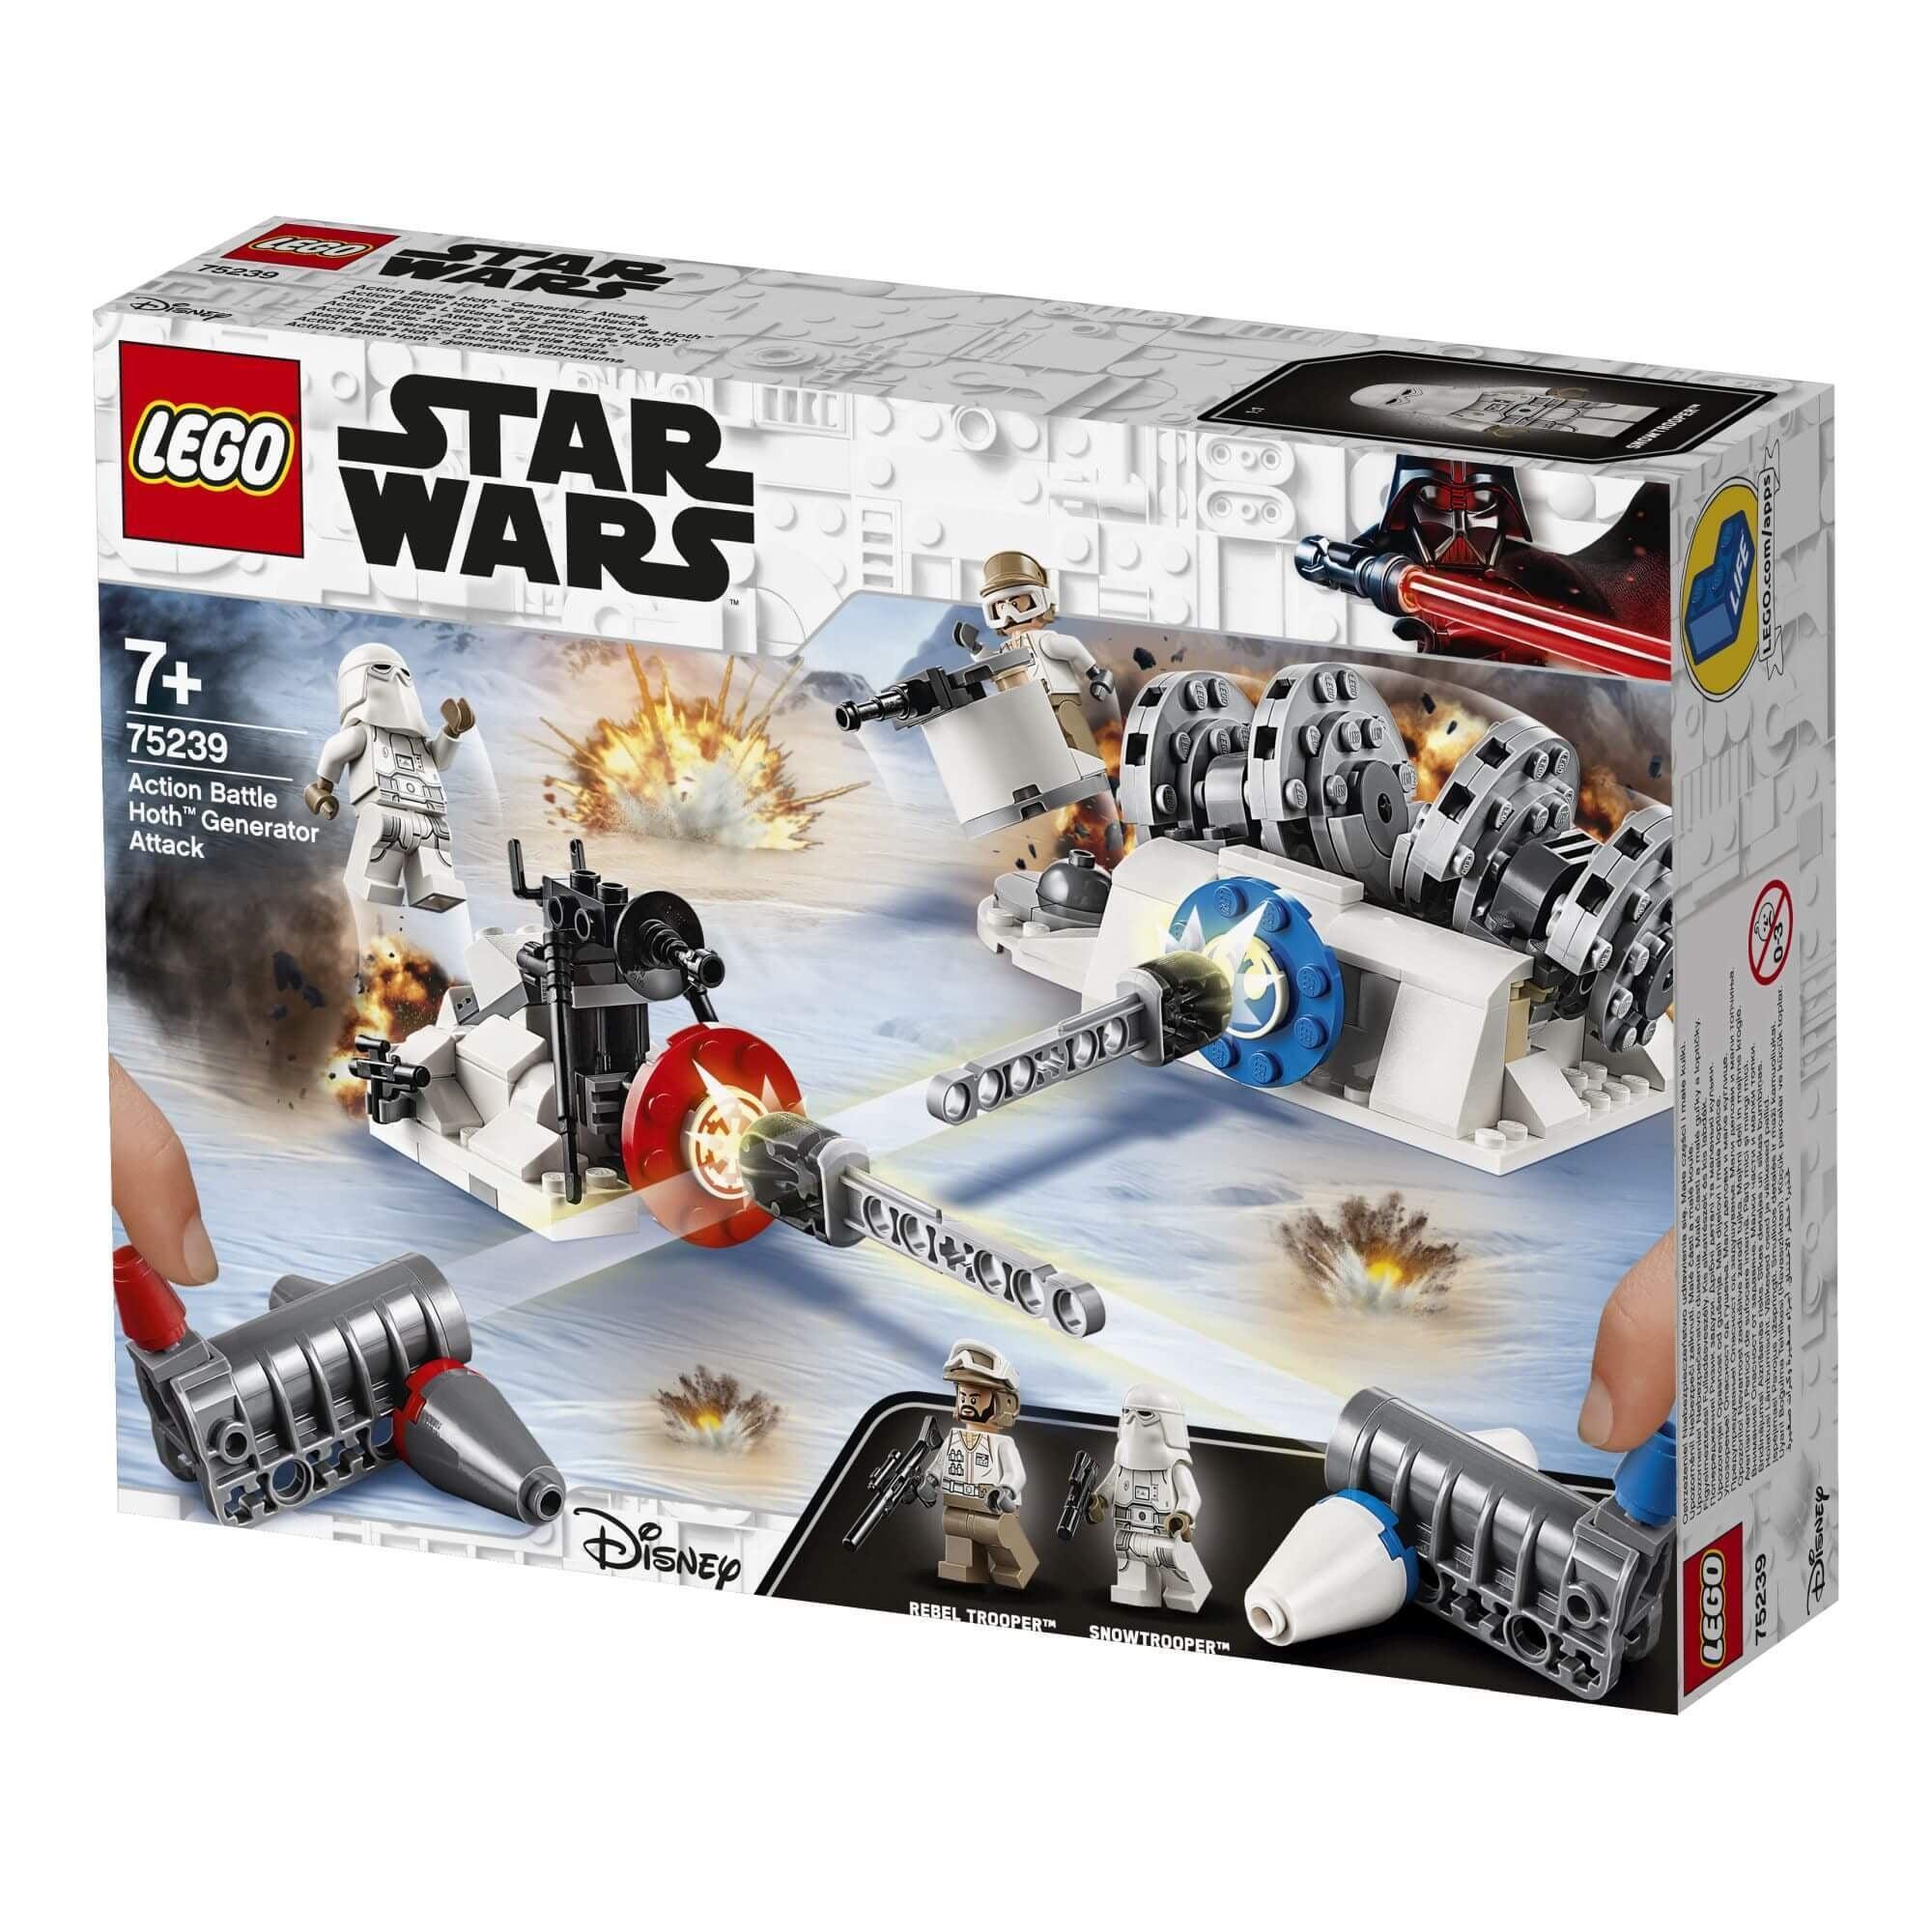 Lego Star Wars 75239 Action Battle Aanval Op De Hoth Generator Lego Star Wars 75239 Action Battle Aanval Op De Hoth Generator